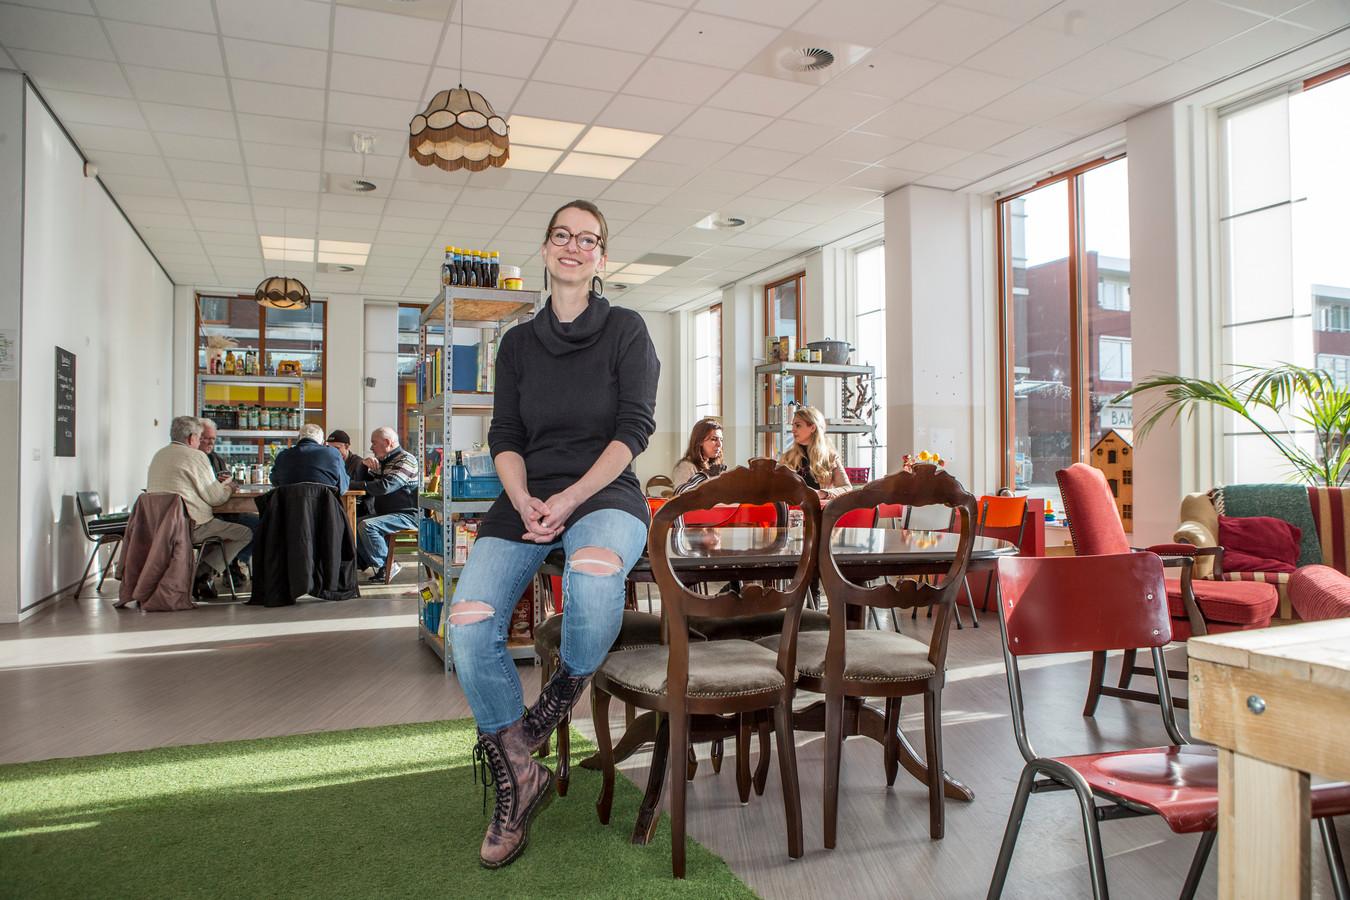 Dorine Ruter in het wijkcentrum, Waterkracht, een plek waar jong en oud van het Waterkwartier samenkomen om lief en leed met elkaar te delen.